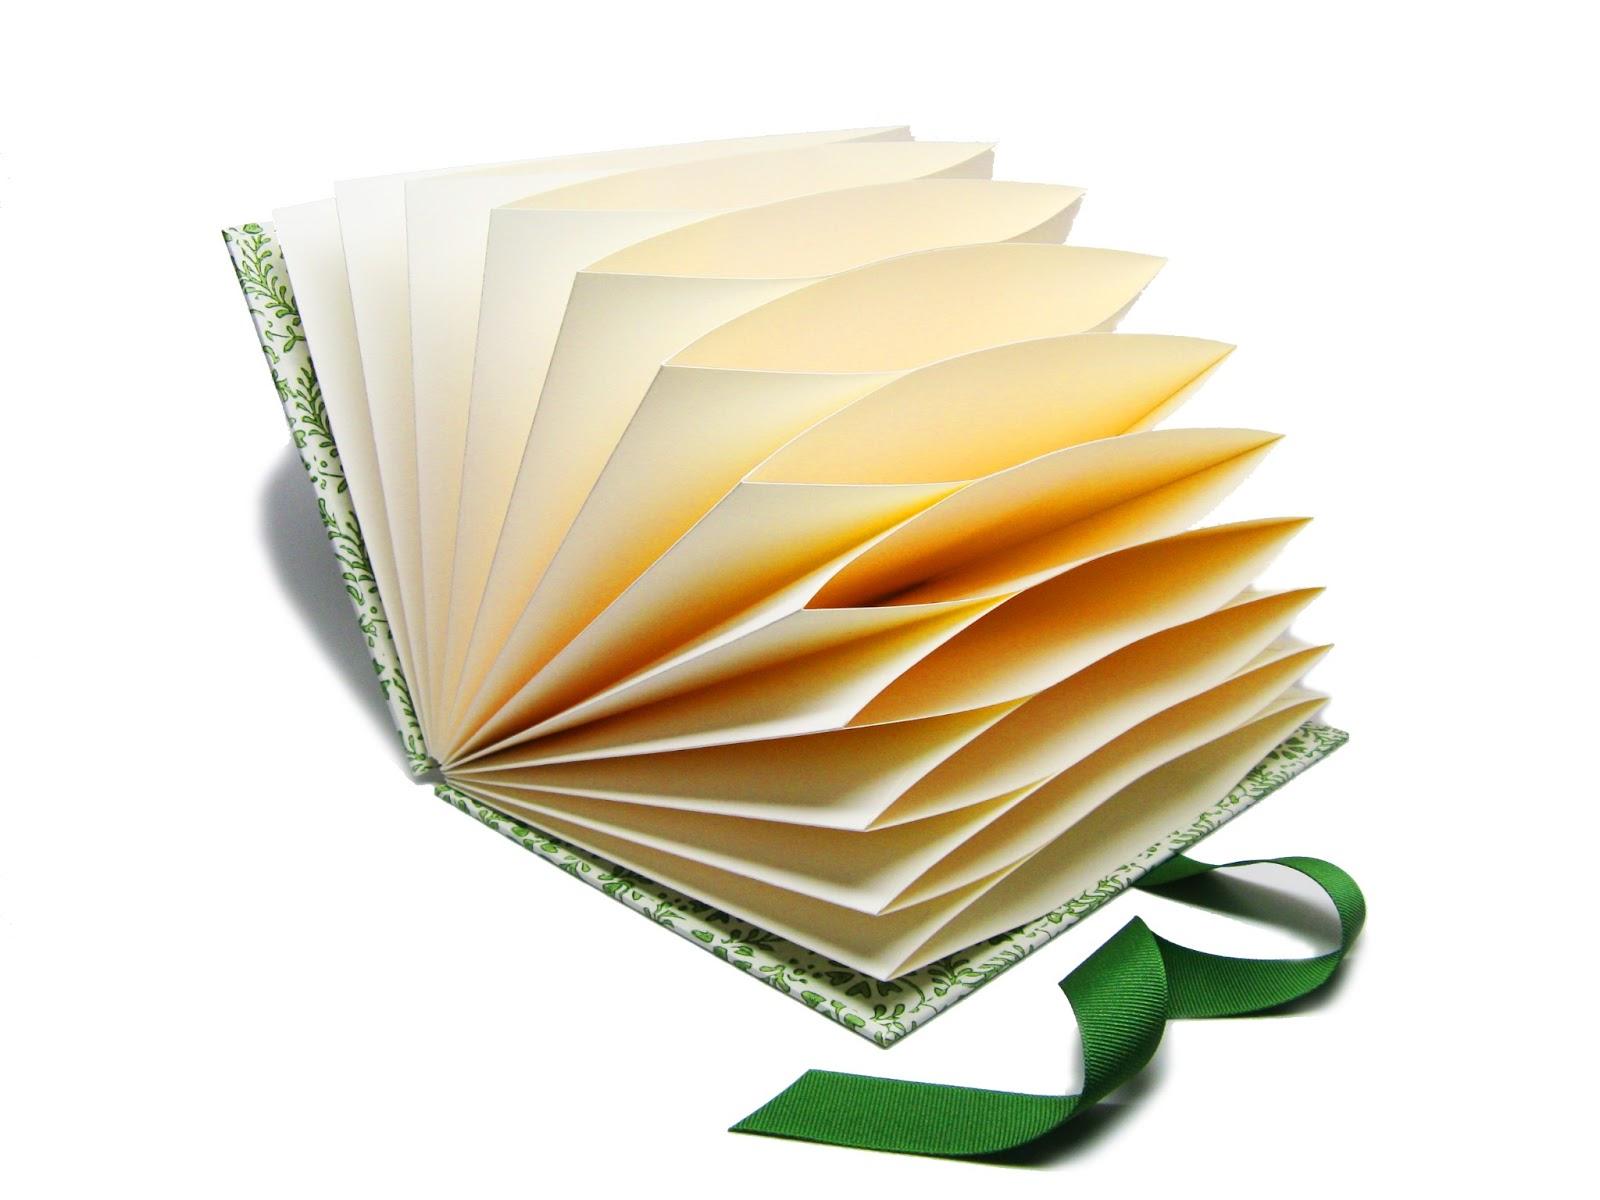 http://2.bp.blogspot.com/-G5vghYppiF8/UT90LEsXbaI/AAAAAAAAA1U/OAv1I6262rk/s1600/threequarter+view+large+12pkt+file+Parvum+Opus.jpg